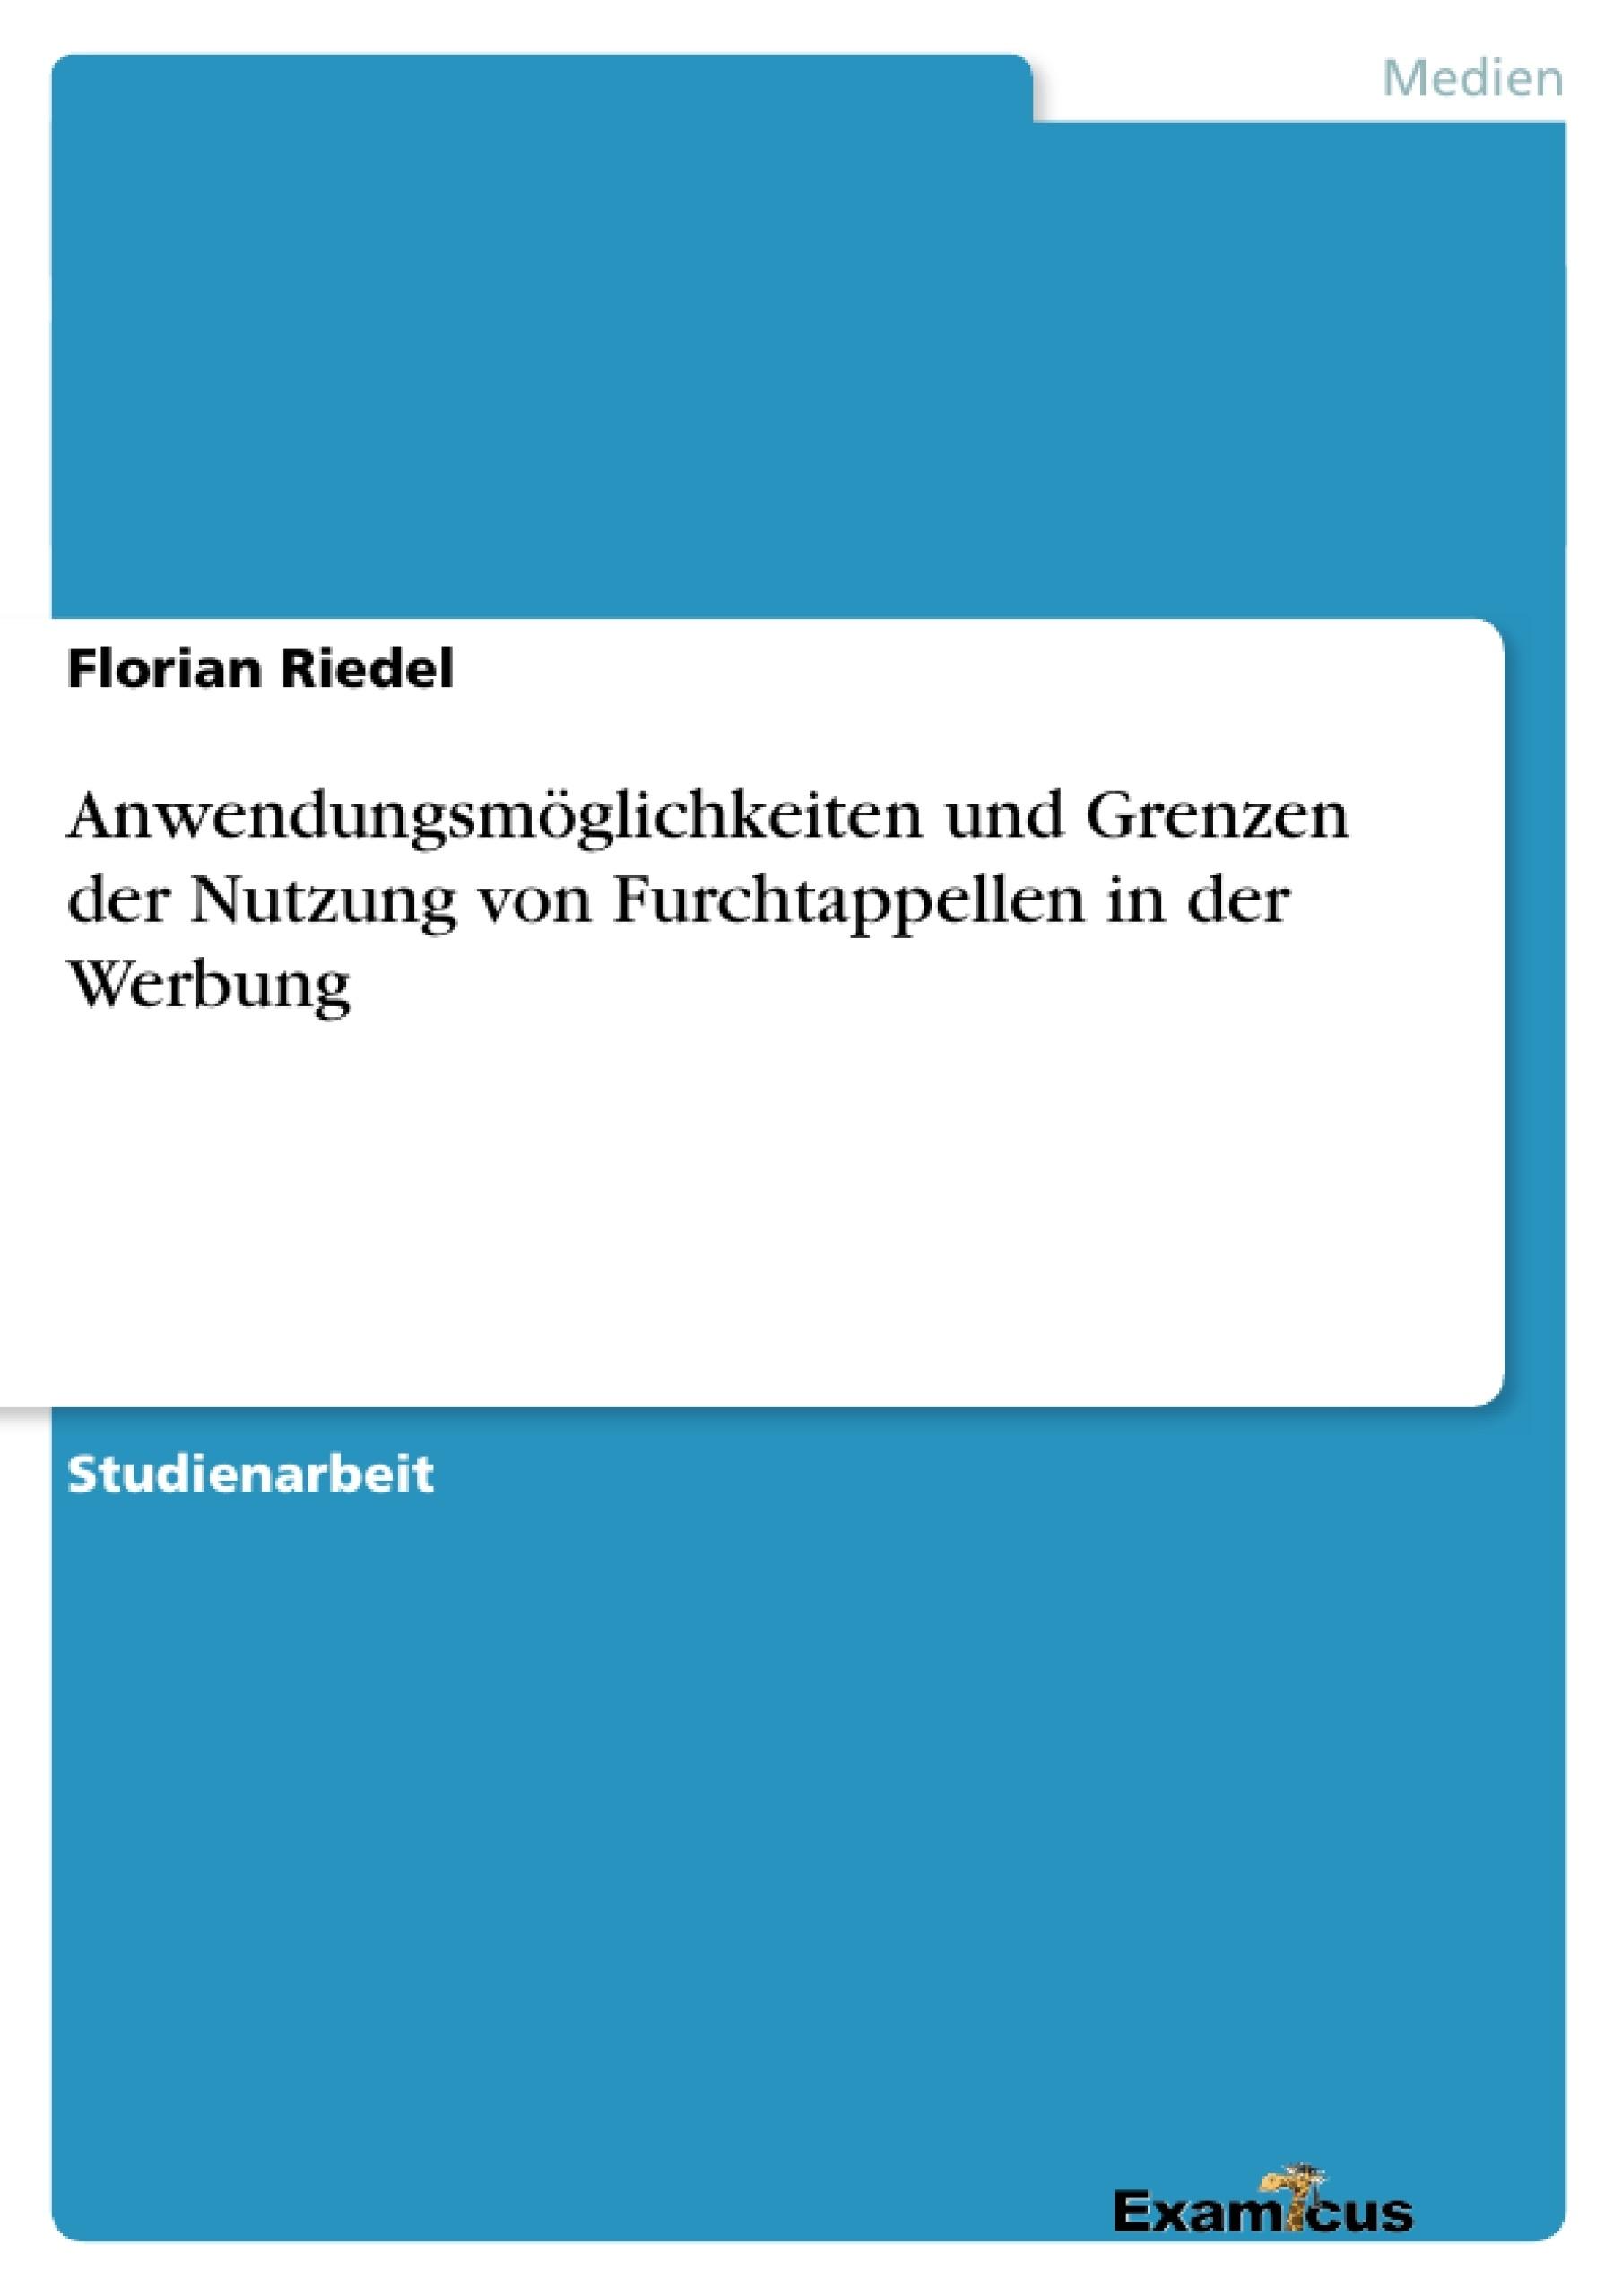 Titel: Anwendungsmöglichkeiten und Grenzen der Nutzung von Furchtappellen in der Werbung